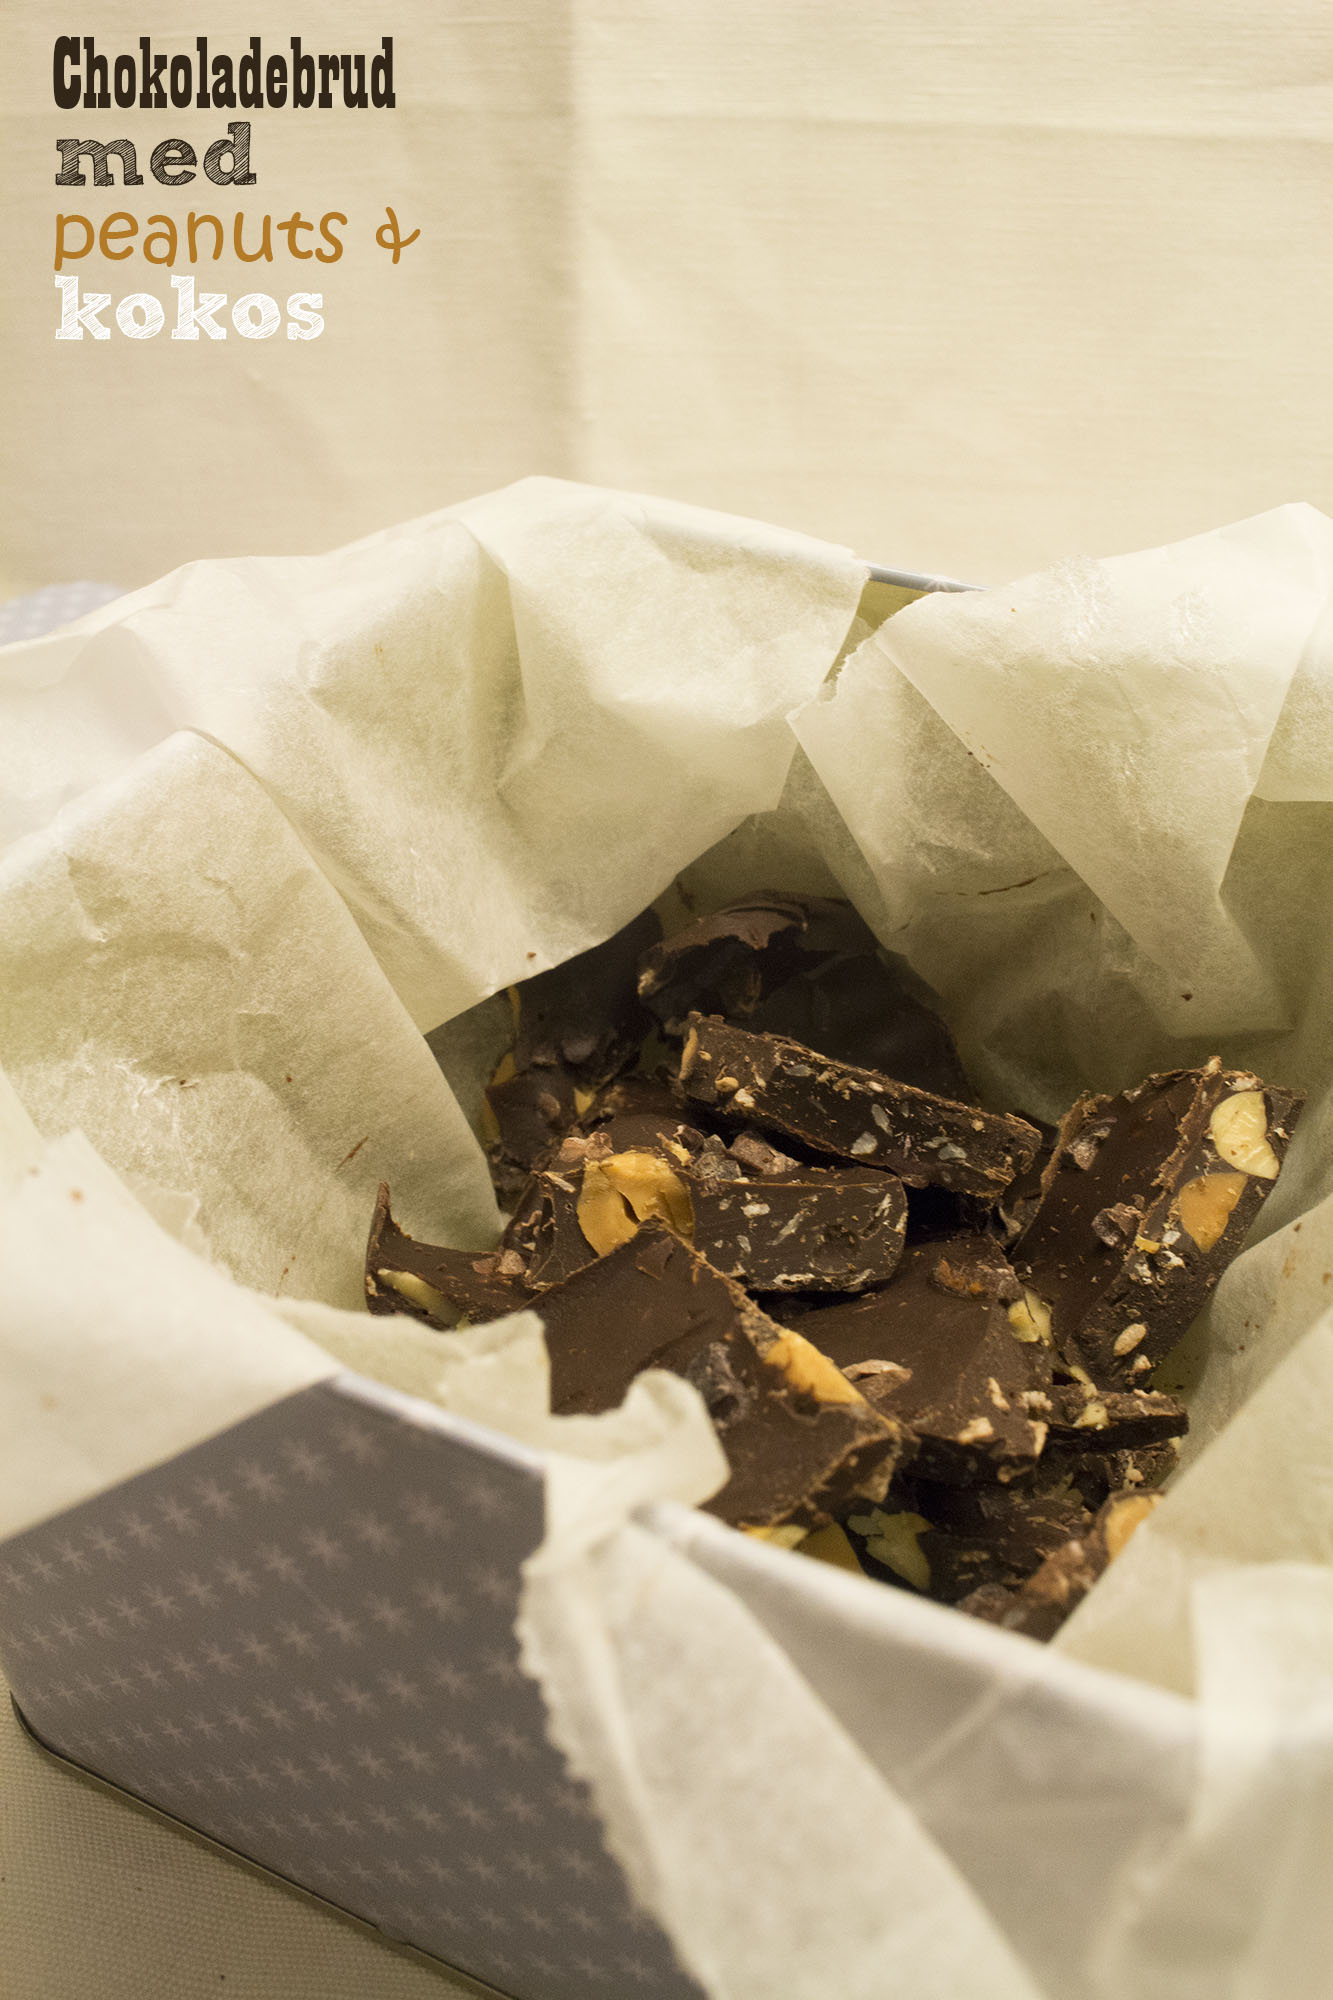 Chokoladebrud med peanuts og kokos